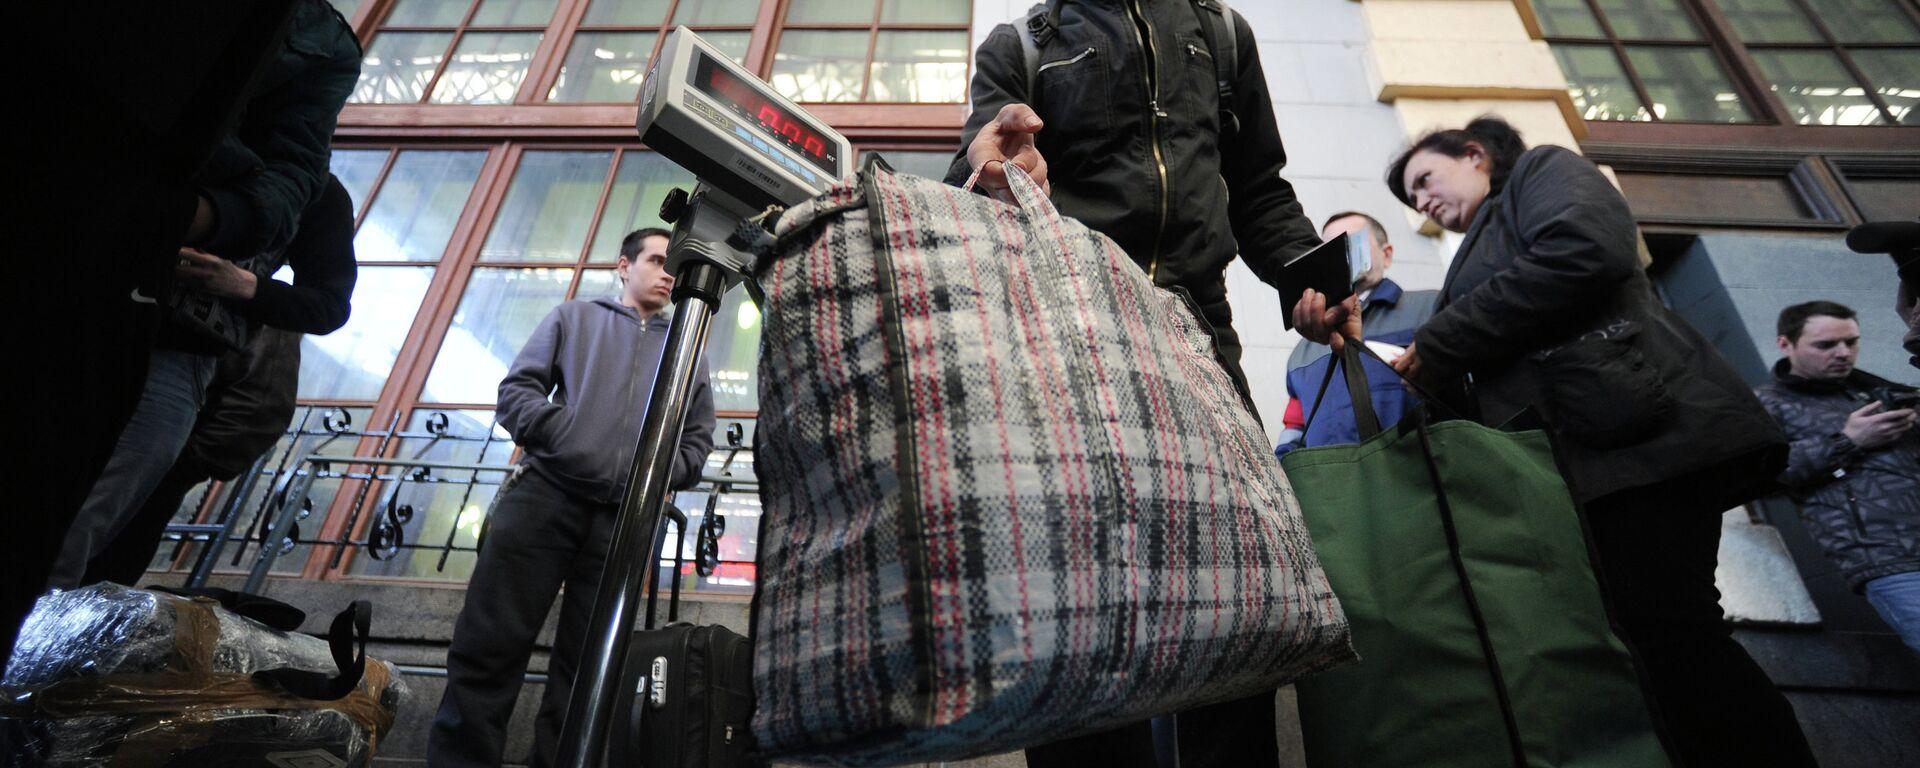 Пассажиры поезда взвешивают багаж . Архивное фото - Sputnik Таджикистан, 1920, 31.08.2021